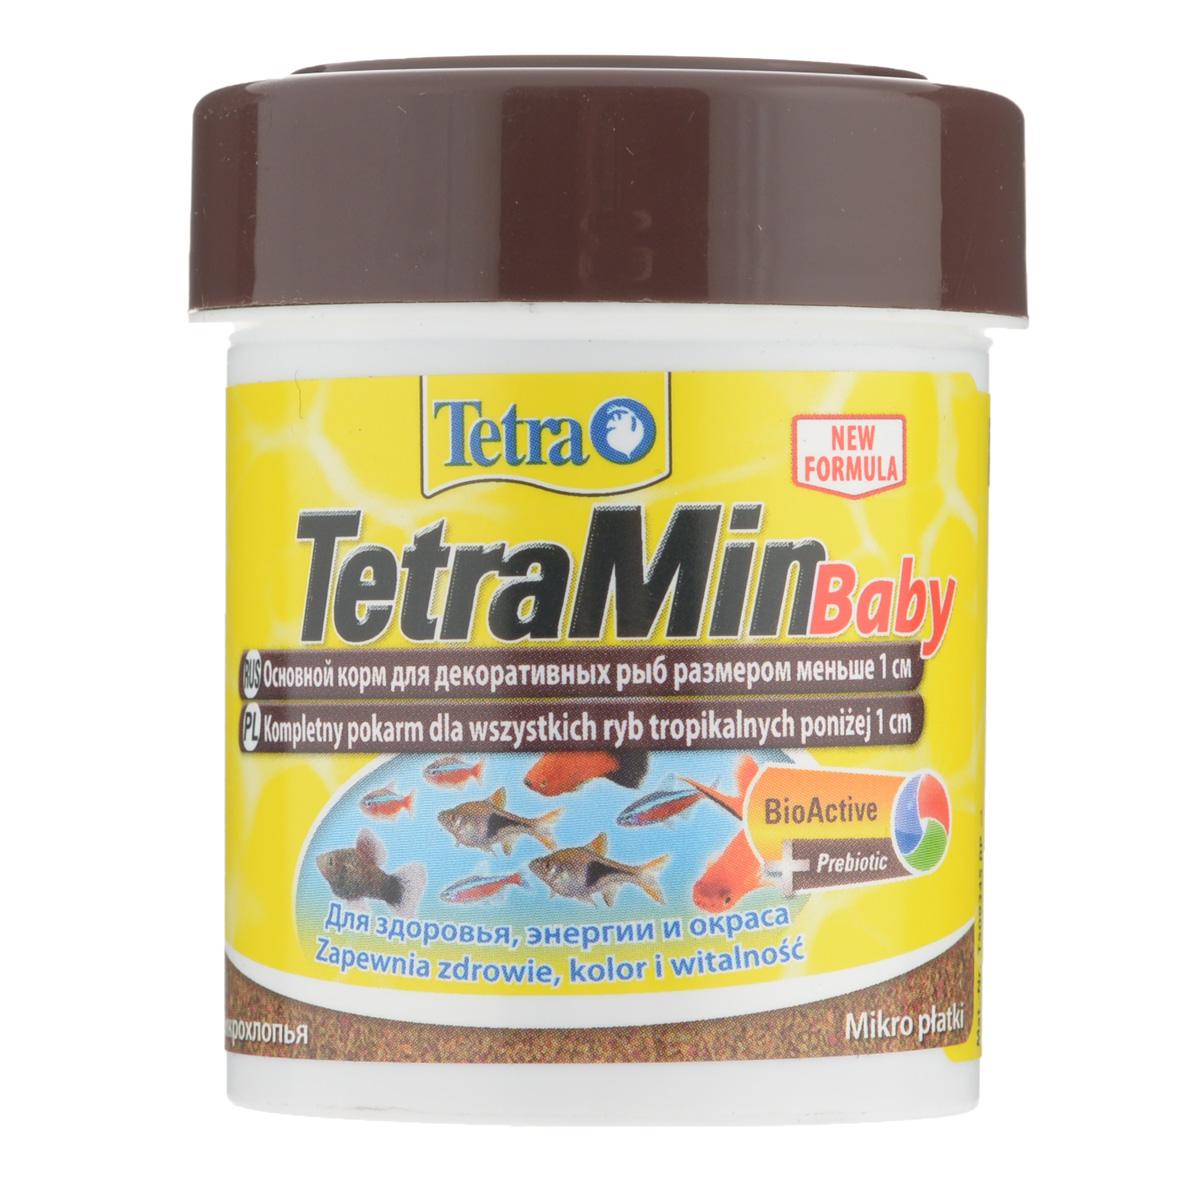 Корм Tetra Min Baby для декоративных рыб меньше 1 см, в виде микрохлопьев, 66 мл0120710Корм Tetra Min Baby - это биологически сбалансированный корм в виде микрохлопьев. Очень качественное просеянная смесь высокопитательных и функциональных ингредиентов для поддержания здорового роста на ранних стадий жизни рыб.Рекомендации по кормлению: кормить несколько раз в день маленькими порциями. Характеристики: Состав: рыба и побочные рыбные продукты, зерновые культуры, дрожжи, экстракты растительного белка, моллюски и раки, масла и жиры, сахар (Олигофруктоза 1%), минеральные вещества, водоросли.Пищевая ценность: сырой белок - 46%, сырые масла и жиры - 11%, сырая клетчатка - 2,0%, влага - 6%.Добавки: витамины, провитамины и химические вещества с аналогичным воздействием: витамин А 17310 МЕ/кг, витамин Д3 1080 МЕ/кг. Комбинации элементов: Е5 Марганец 96 мг/кг, Е6 Цинк 57 мг/кг, Е1 Железо 37 мг/кг. Красители, антиоксиданты. Вес: 66 мл (30 г).Товар сертифицирован.